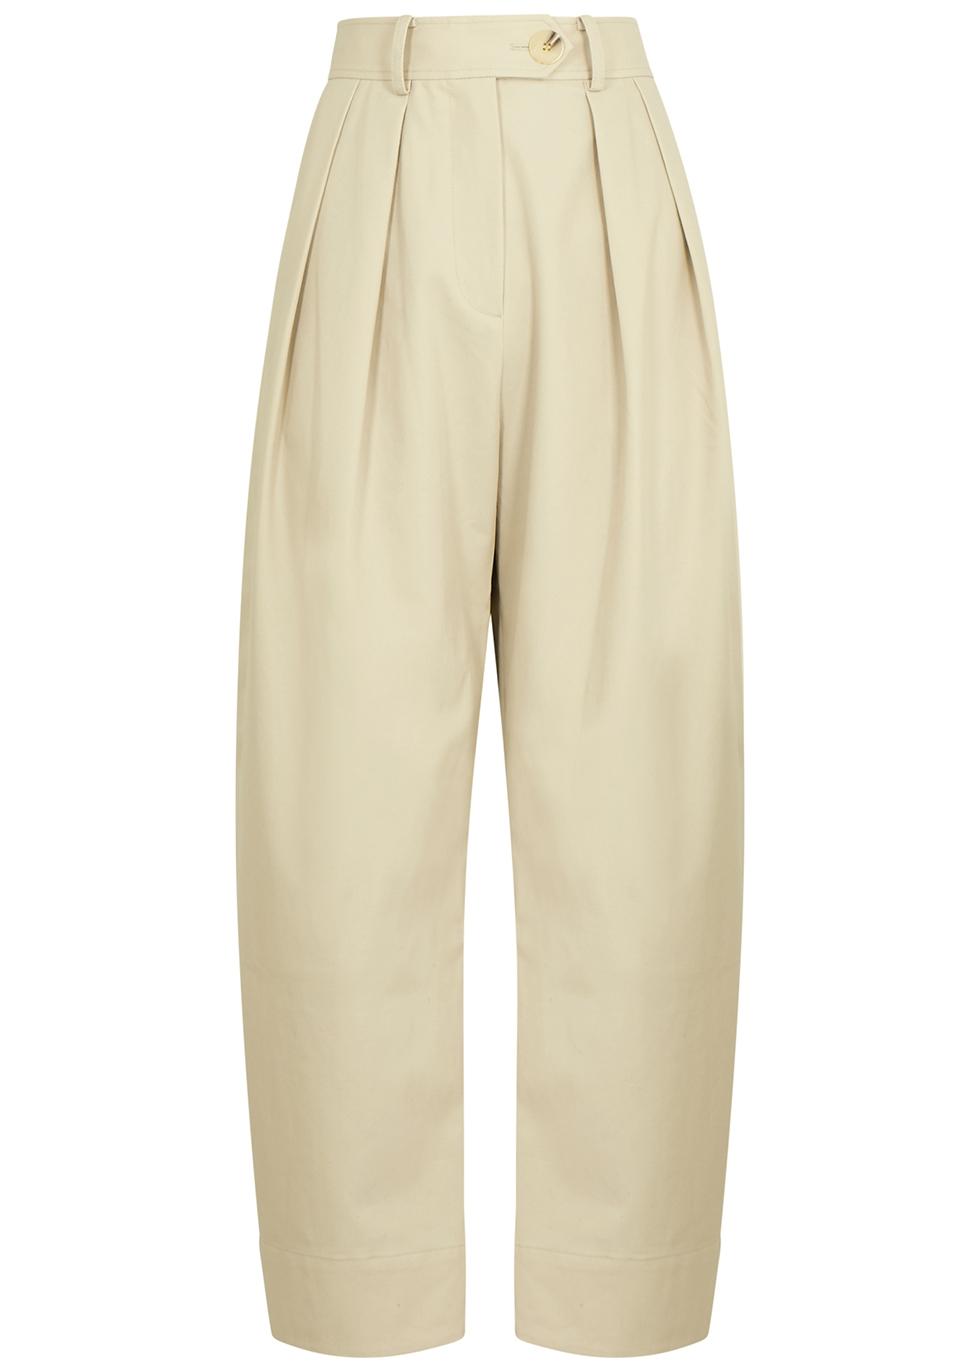 Spencer ecru twill trousers